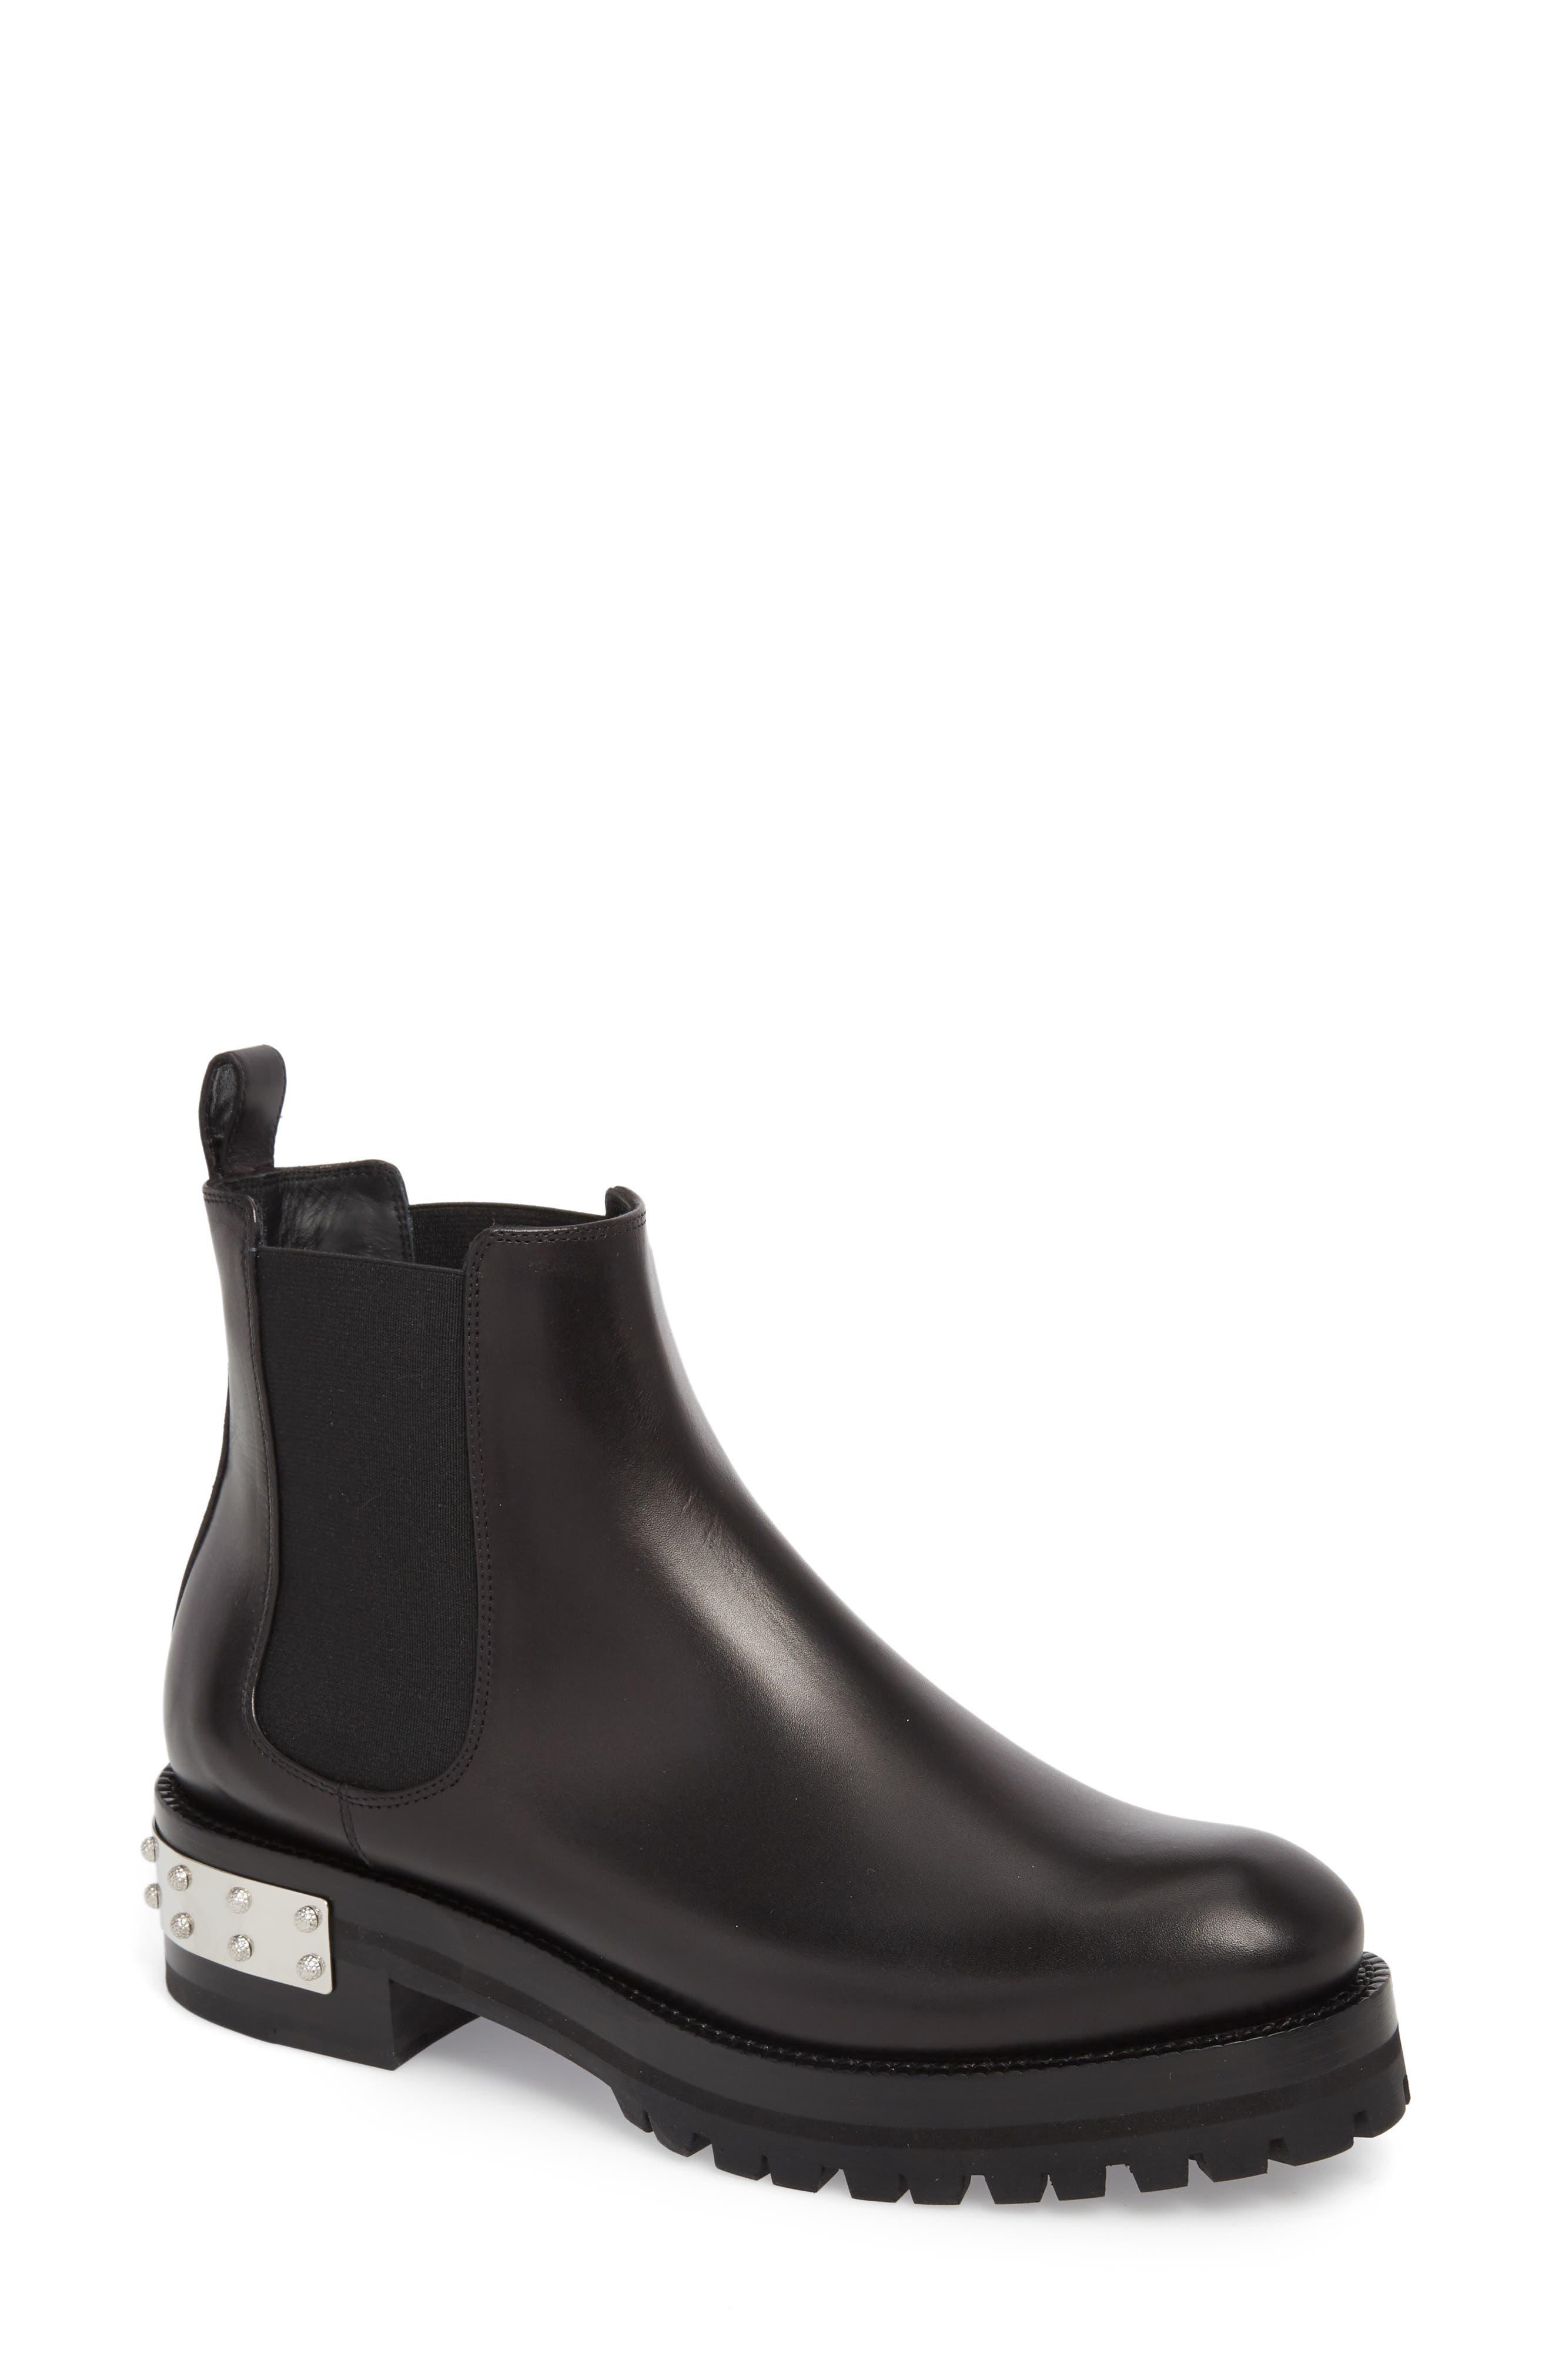 Alexander Mcqueen Metal Heel Slip-On Boot - Black